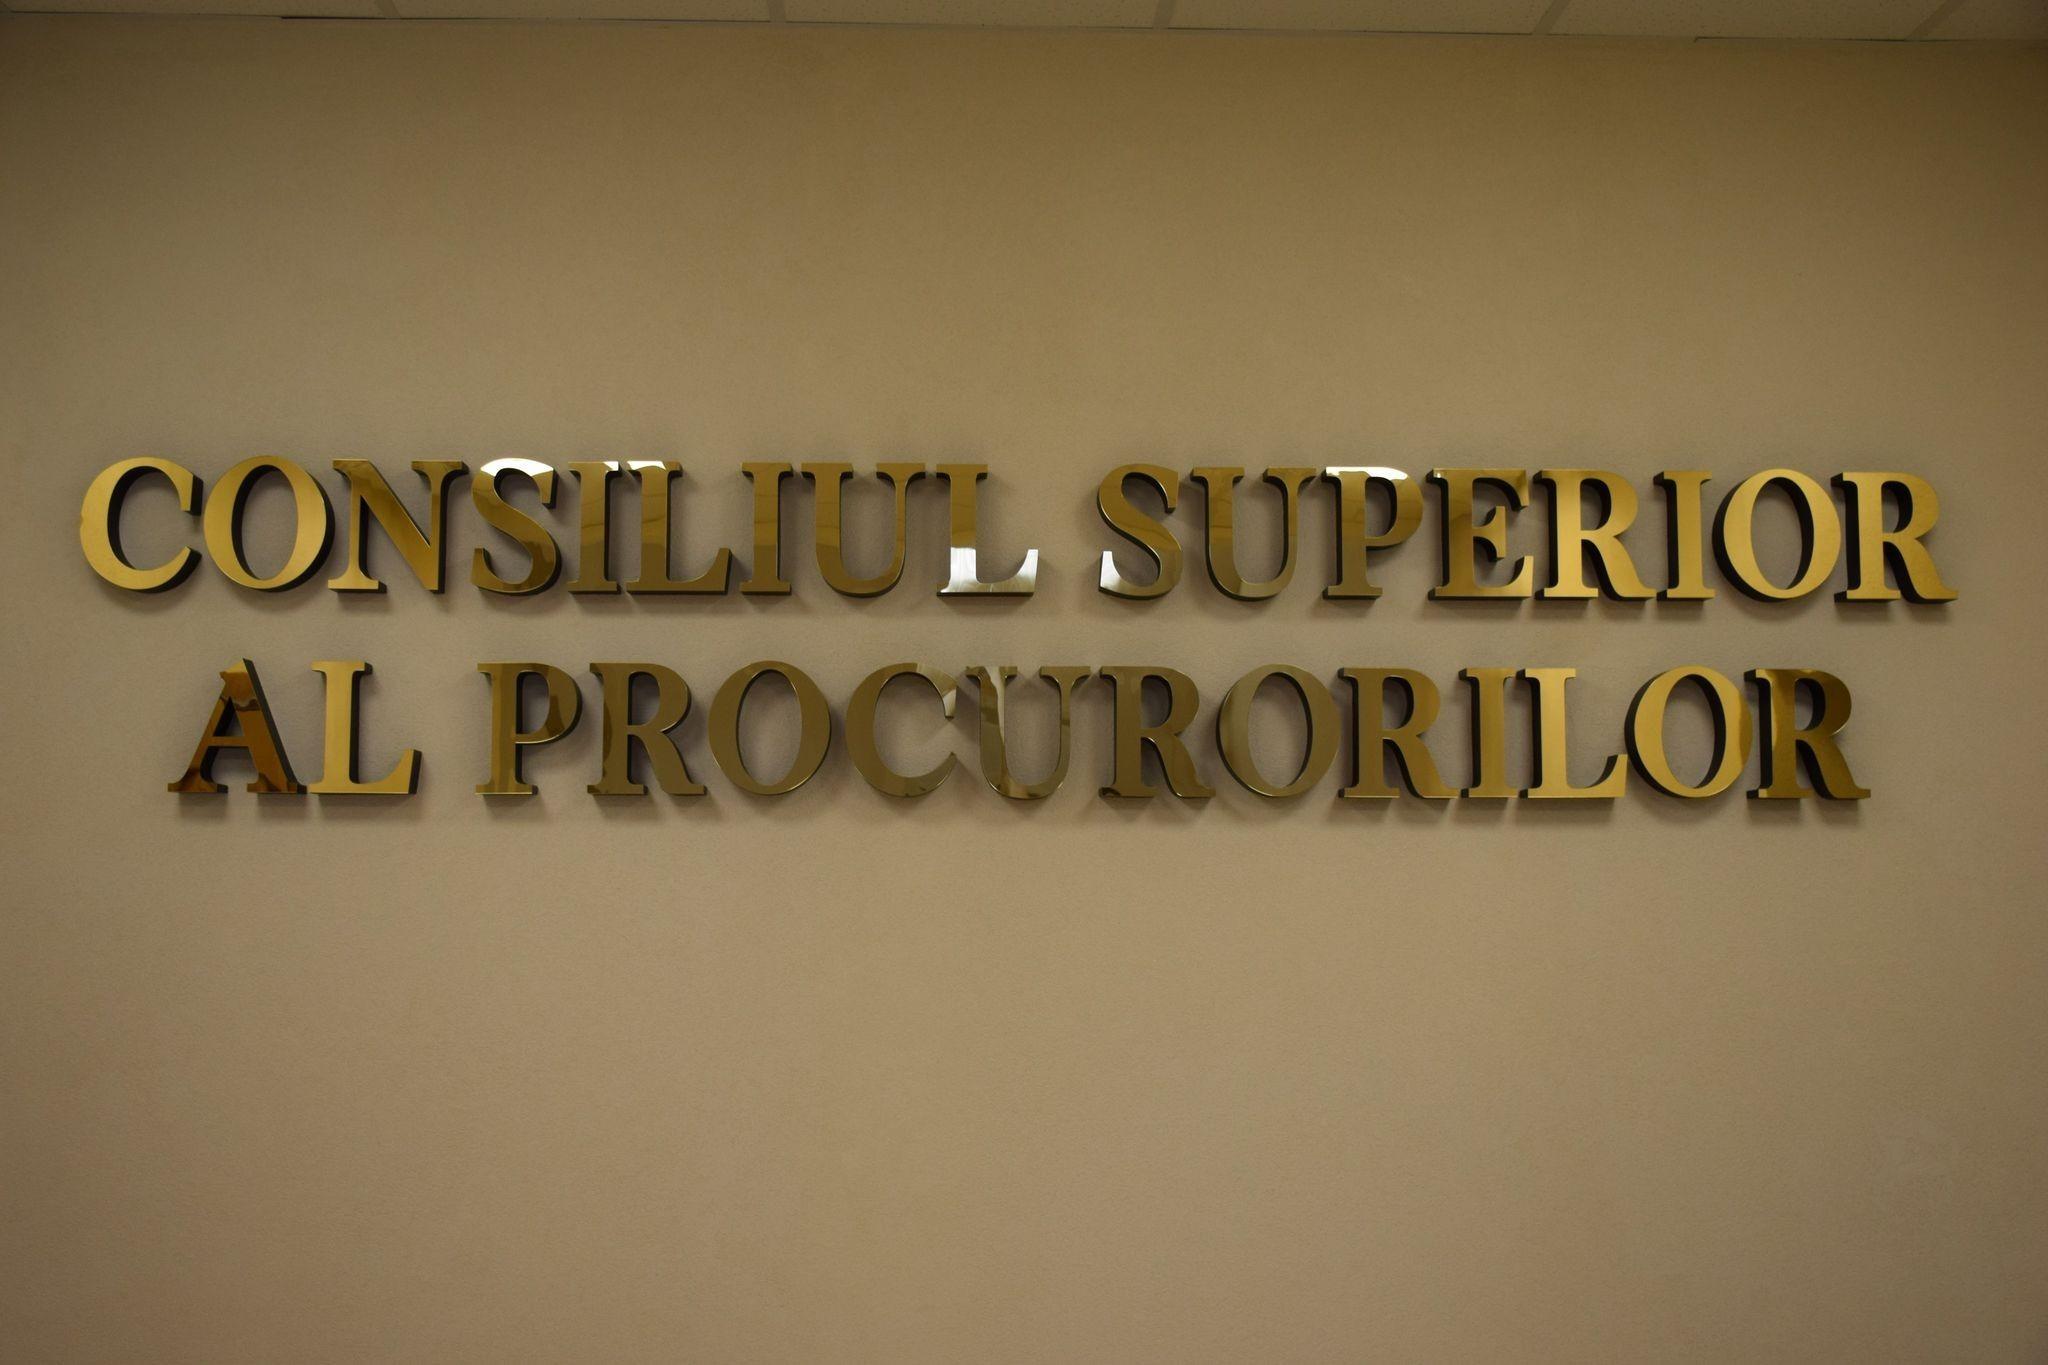 Nouă procurori pretind la funcții de șefi și șefi adjuncți. CSP a transmis dosarele acestora pentru evaluare